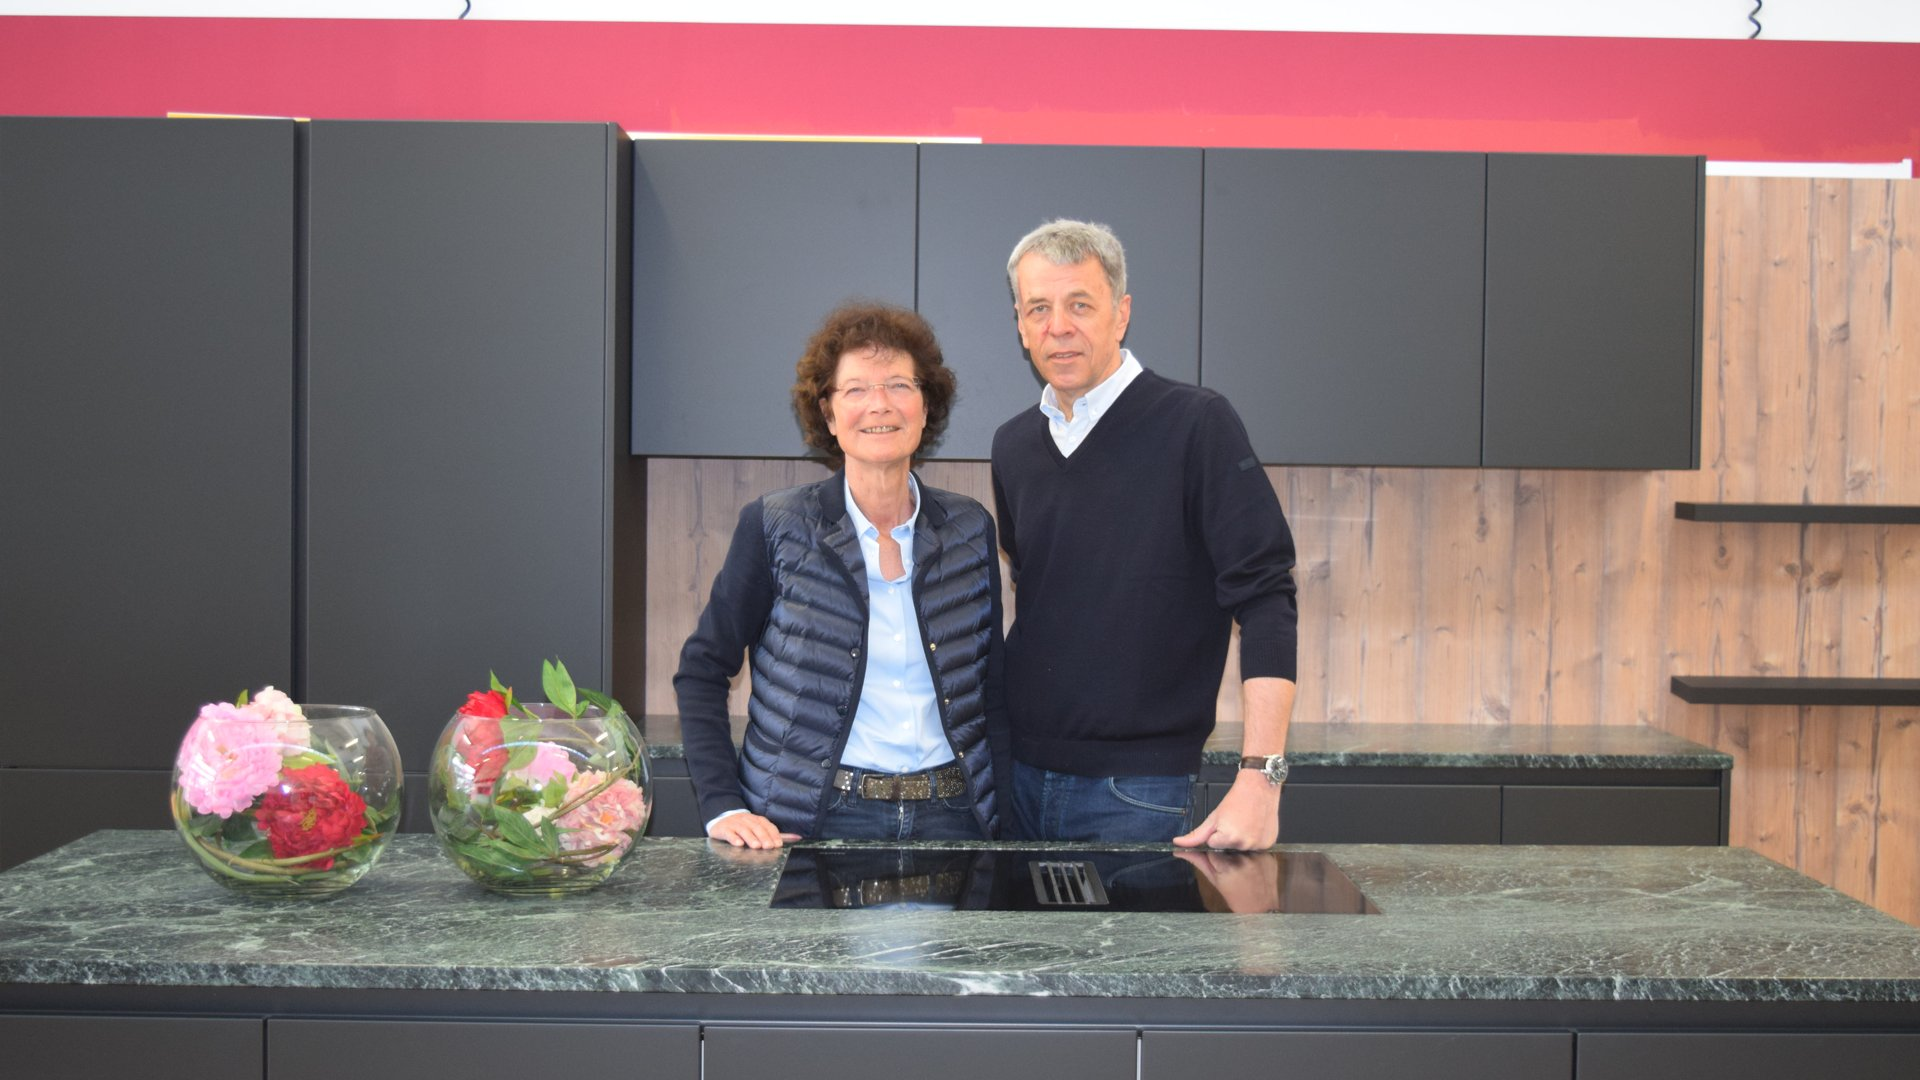 Barbara Auernig und Helmut Auernig, Geschäftsführung des Miele Center Markant